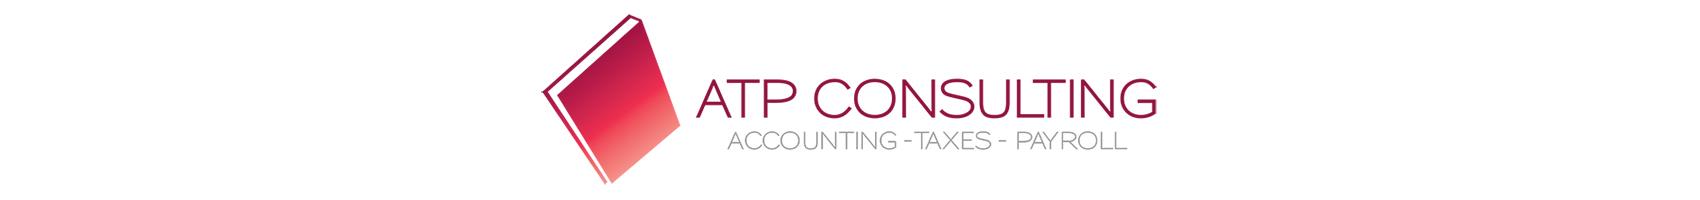 ATP consulting